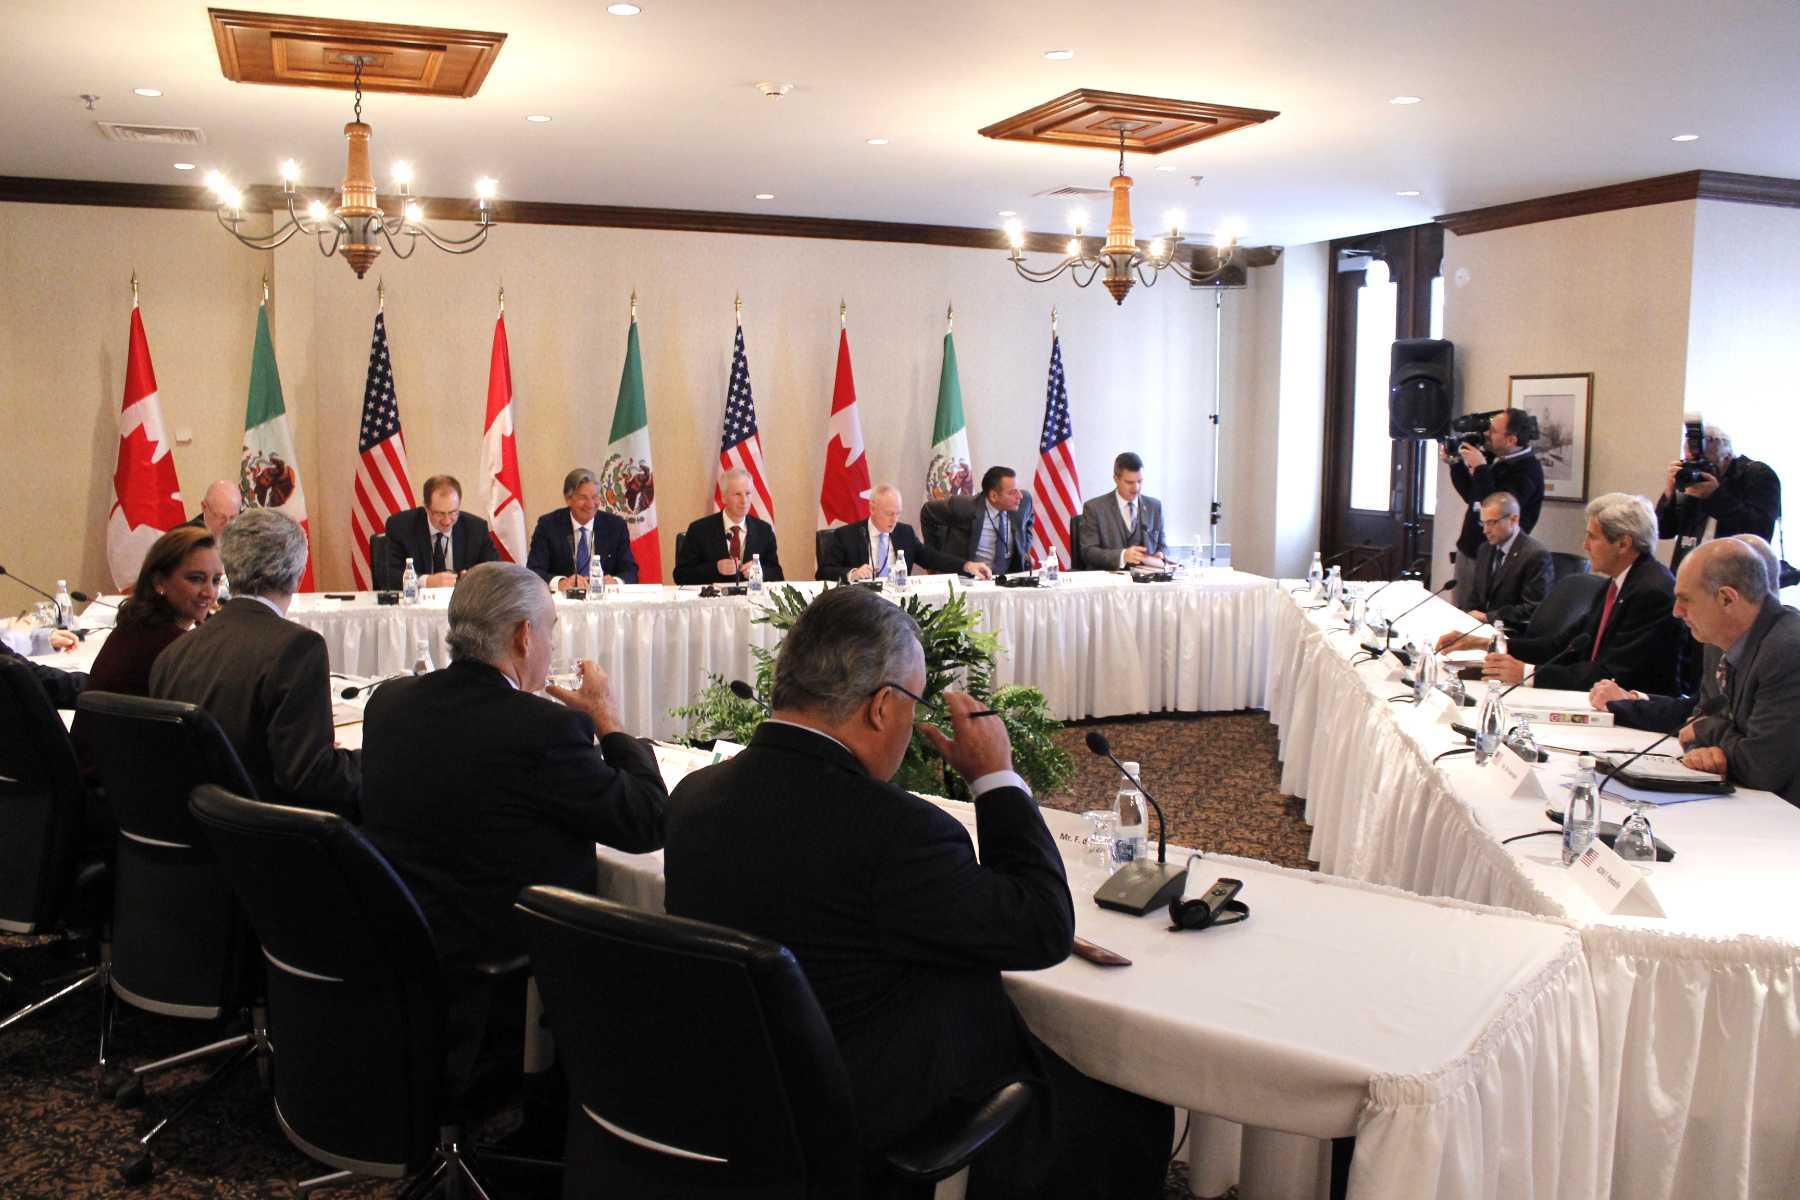 FOTO 4 Canciller Claudia Ruiz Massieu en la sesi n de trabajo trilateral con las delegaciones de Canad  y Estados Unidos  en Quebec.jpg